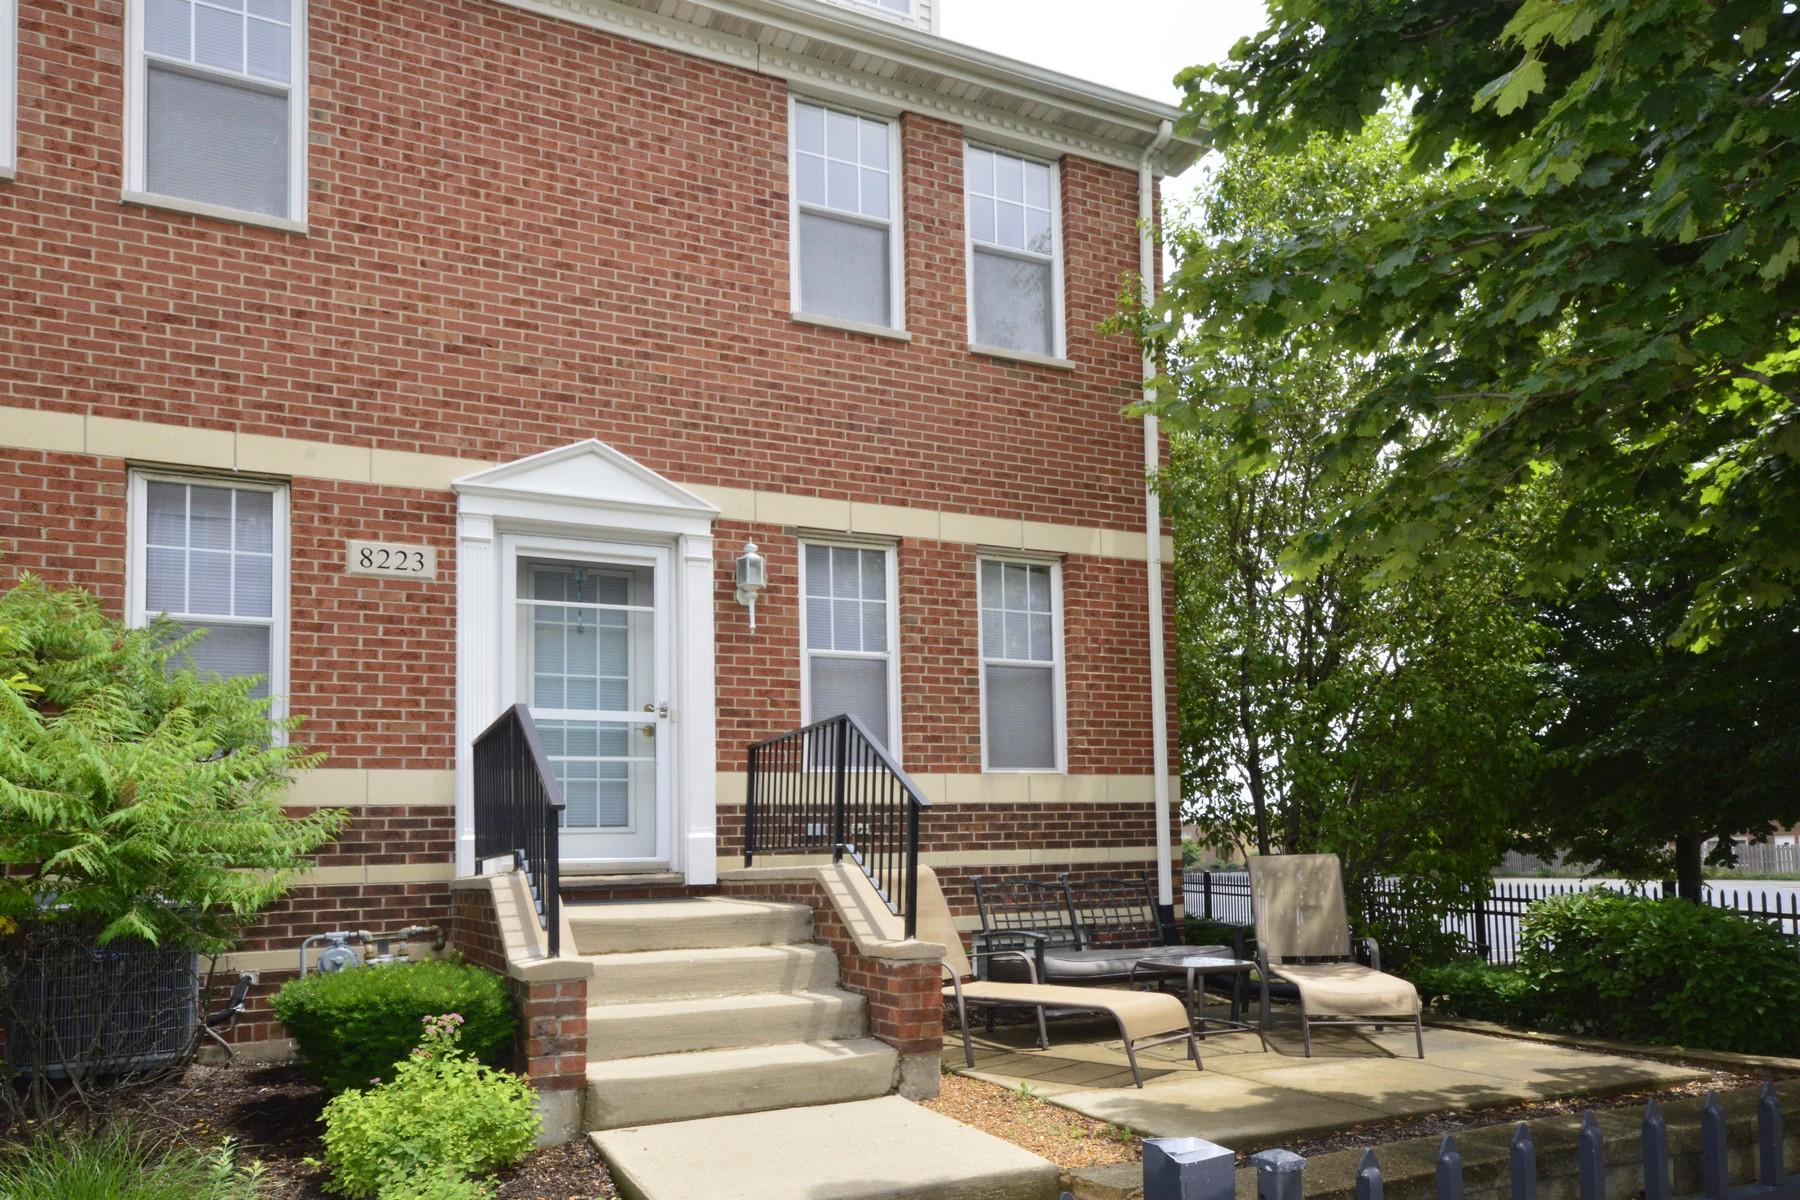 Casa para uma família para Venda às Beautiful Townhouse 8223 Lincoln Avenue Skokie, Illinois, 60077 Estados Unidos